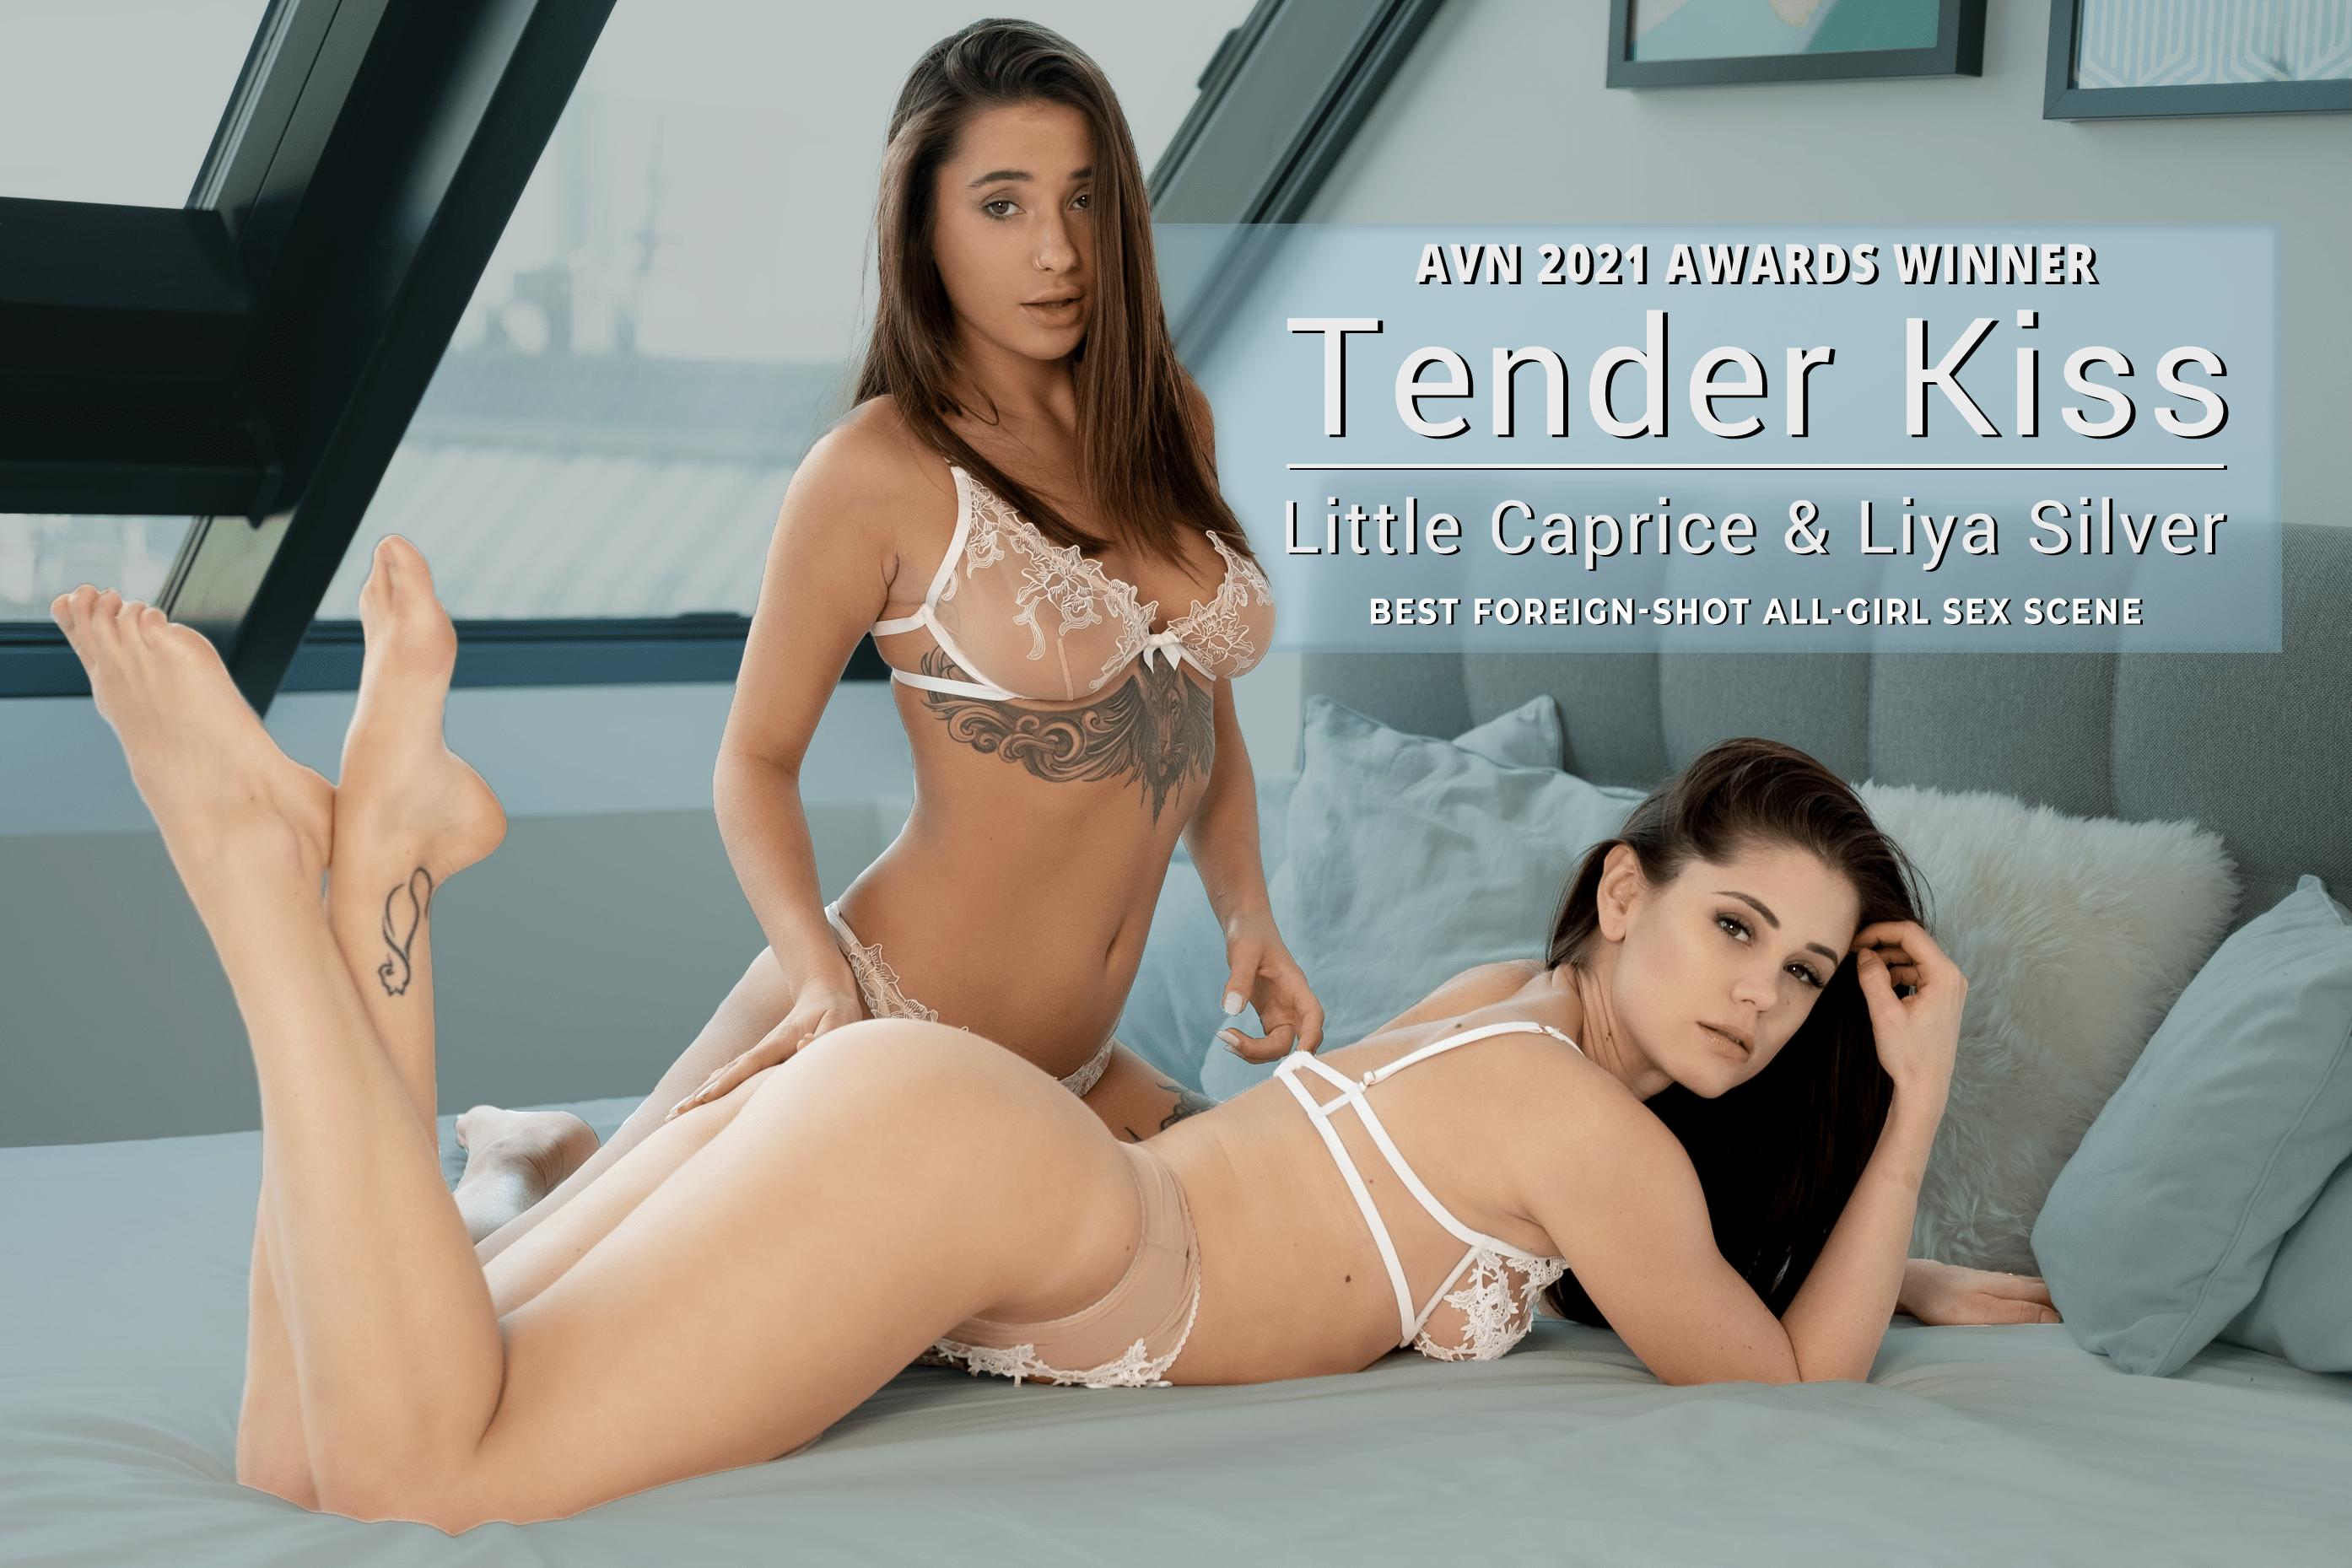 TENDER-KISS-AVN-WINNER-2